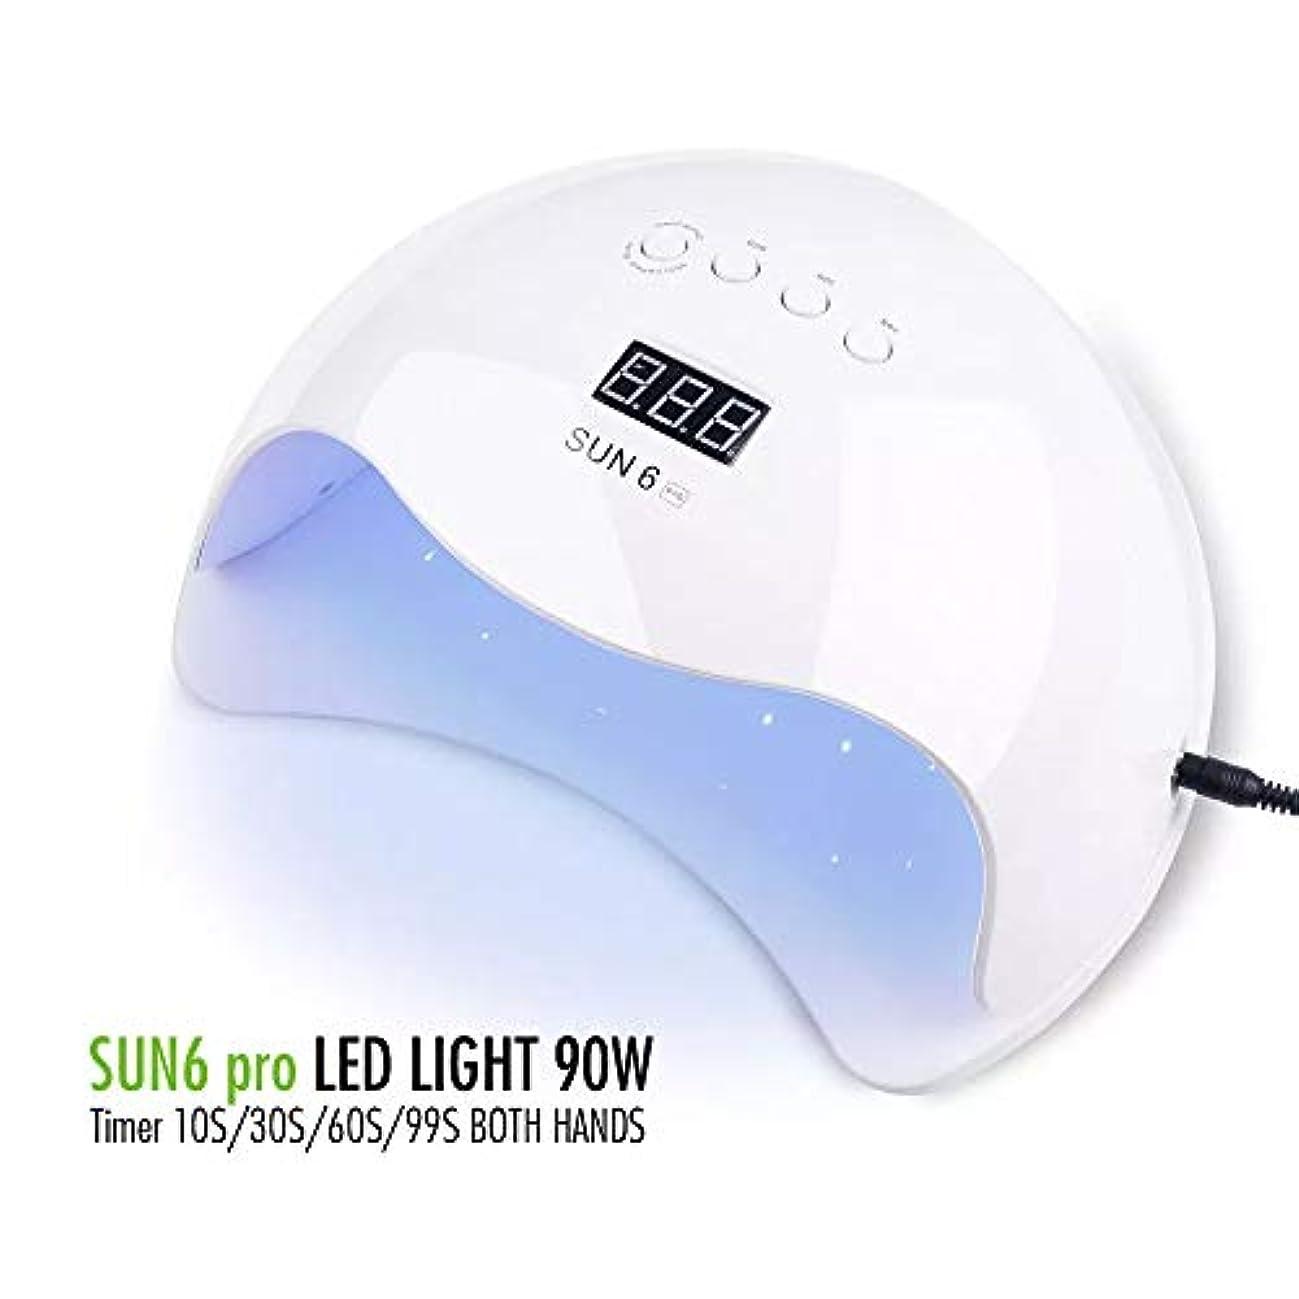 キャンベラグレートバリアリーフ公使館LED & UV ネイルライト UV+LED 90w UV/LEDライト 人感センサー付 低ヒート機能 ネイルドライヤー UVライト 【UV+LED二重光源】 6ヶ月保証付